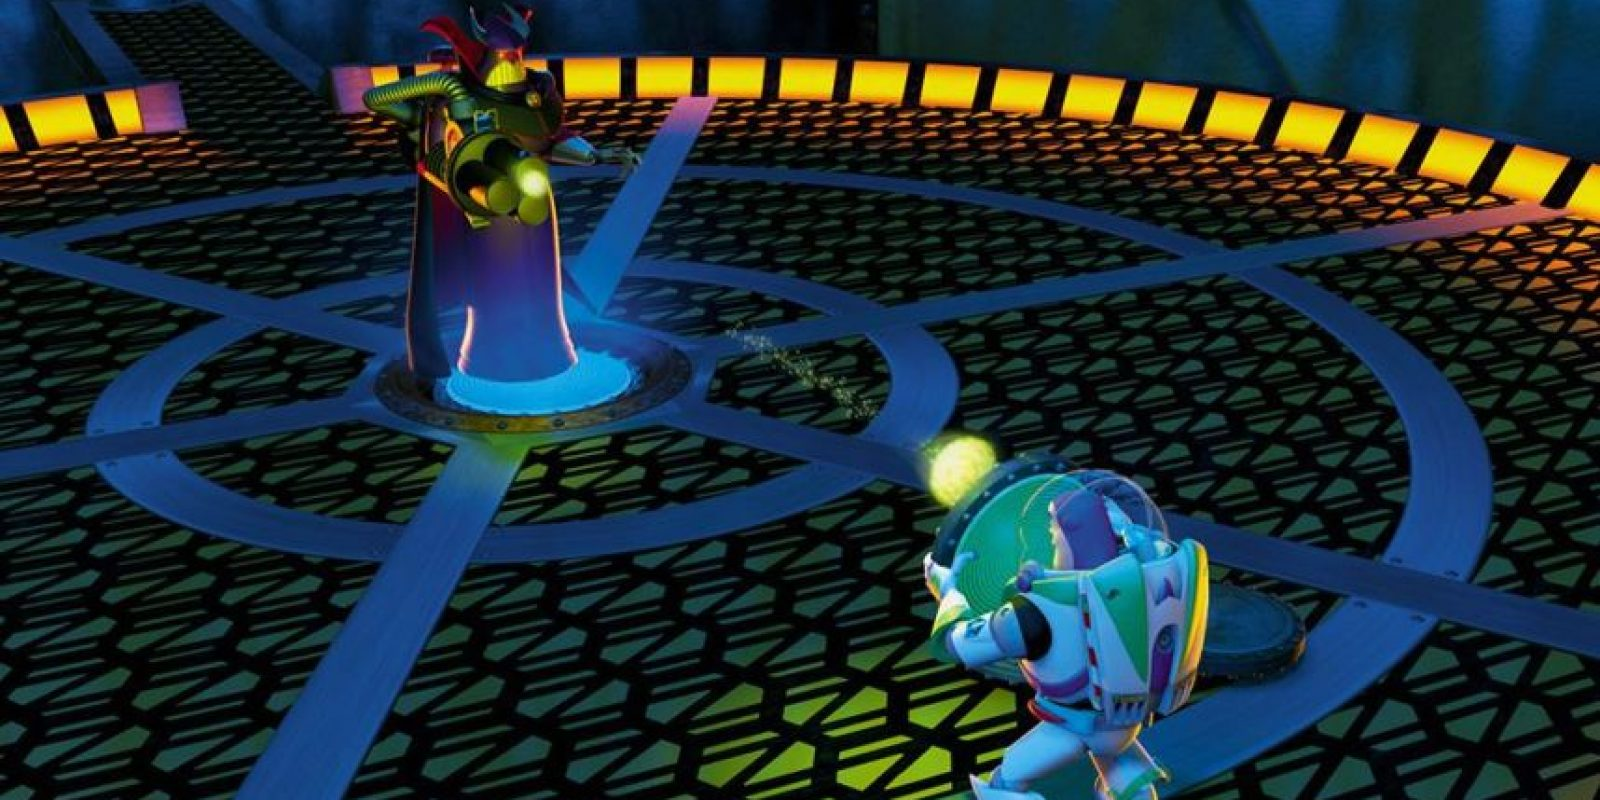 La historia sigue las aventuras de un grupo de juguetes vivientes, específicamente del vaquero Woody y el guardián espacial Buzz Lightyear Foto:Facebook Toy Story